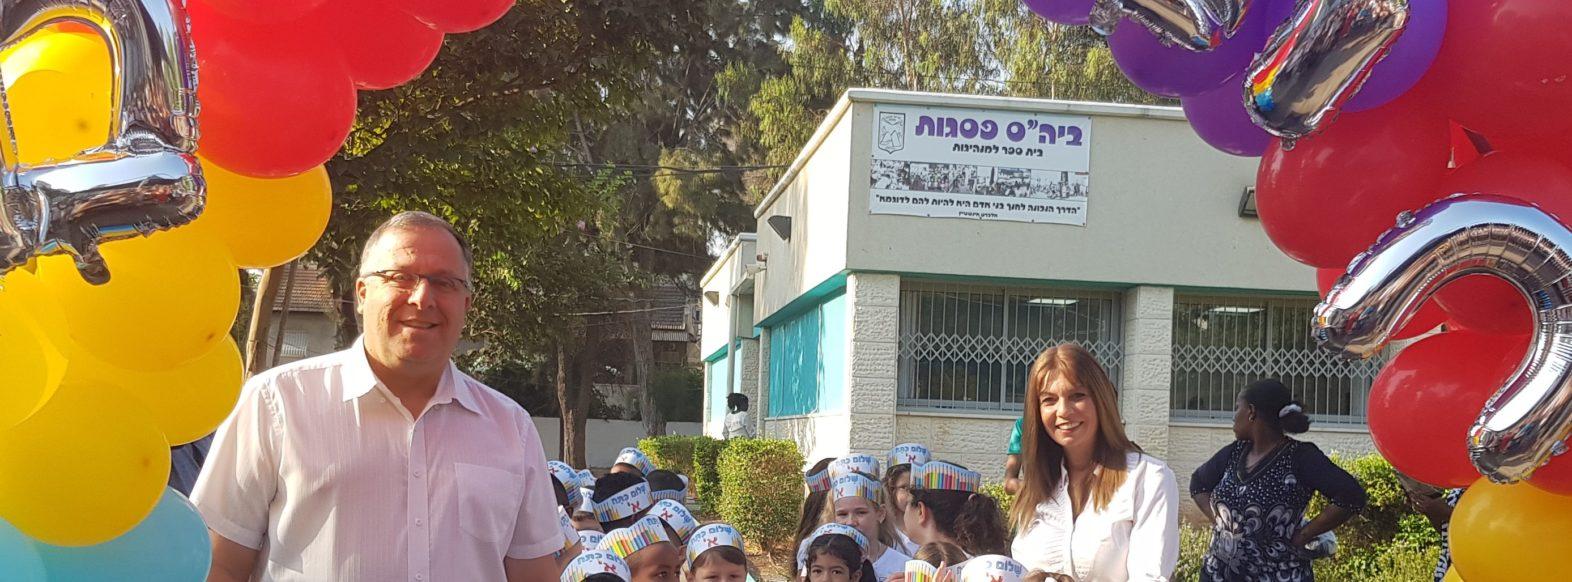 """קריית ביאליק-שנת הלימודים תש""""ף נפתחה בהצלחה עם שני בתי ספר, 6 גני ילדים 3 מעונות יום חדשים"""